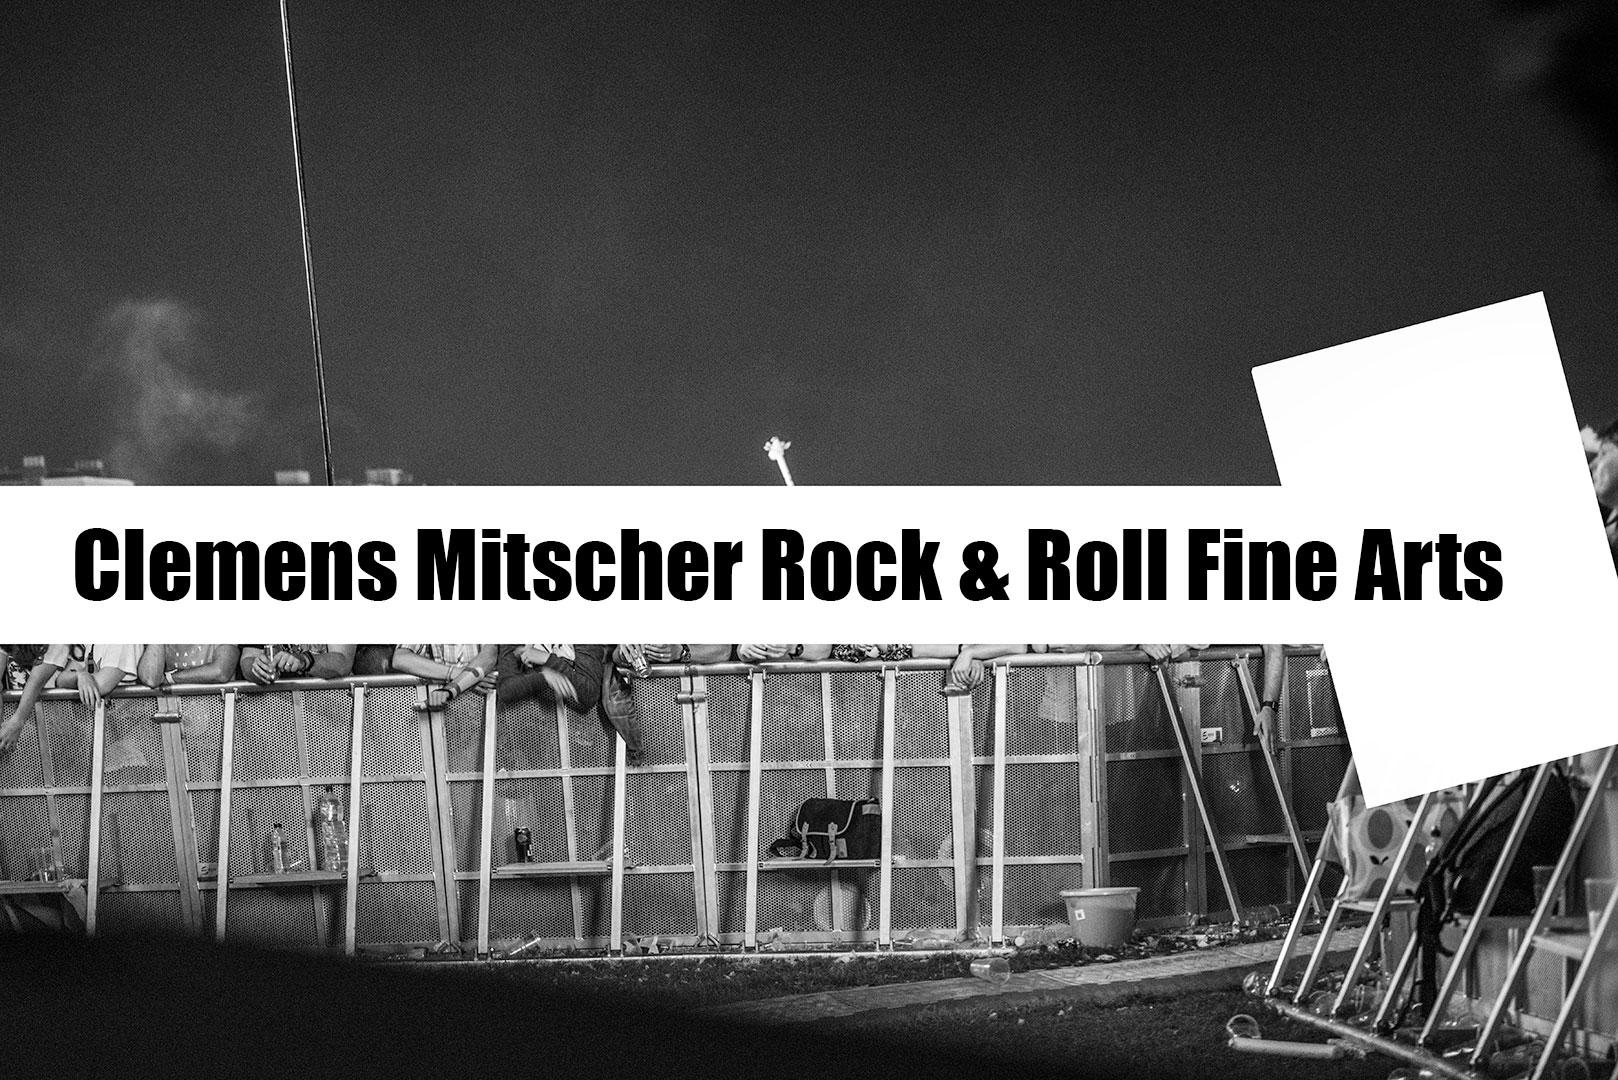 https://www.facebook.com/clemens.mitscher.official/